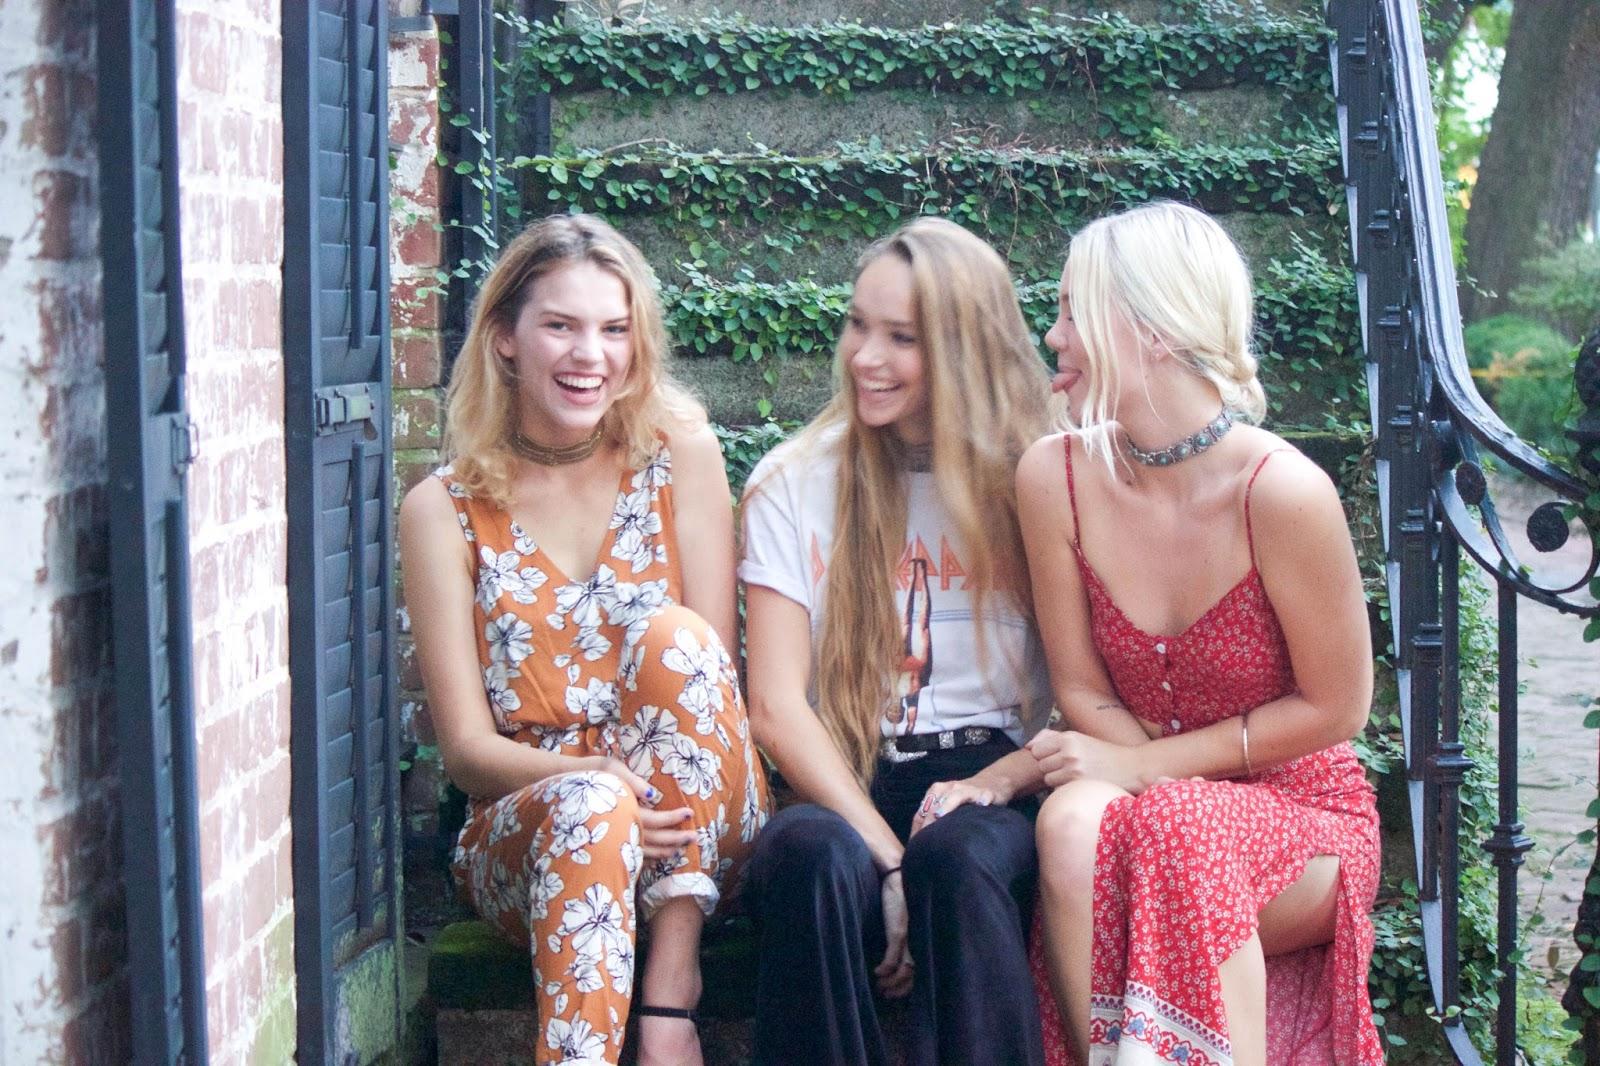 GIRLS GIRLS GIRLS GIRLS